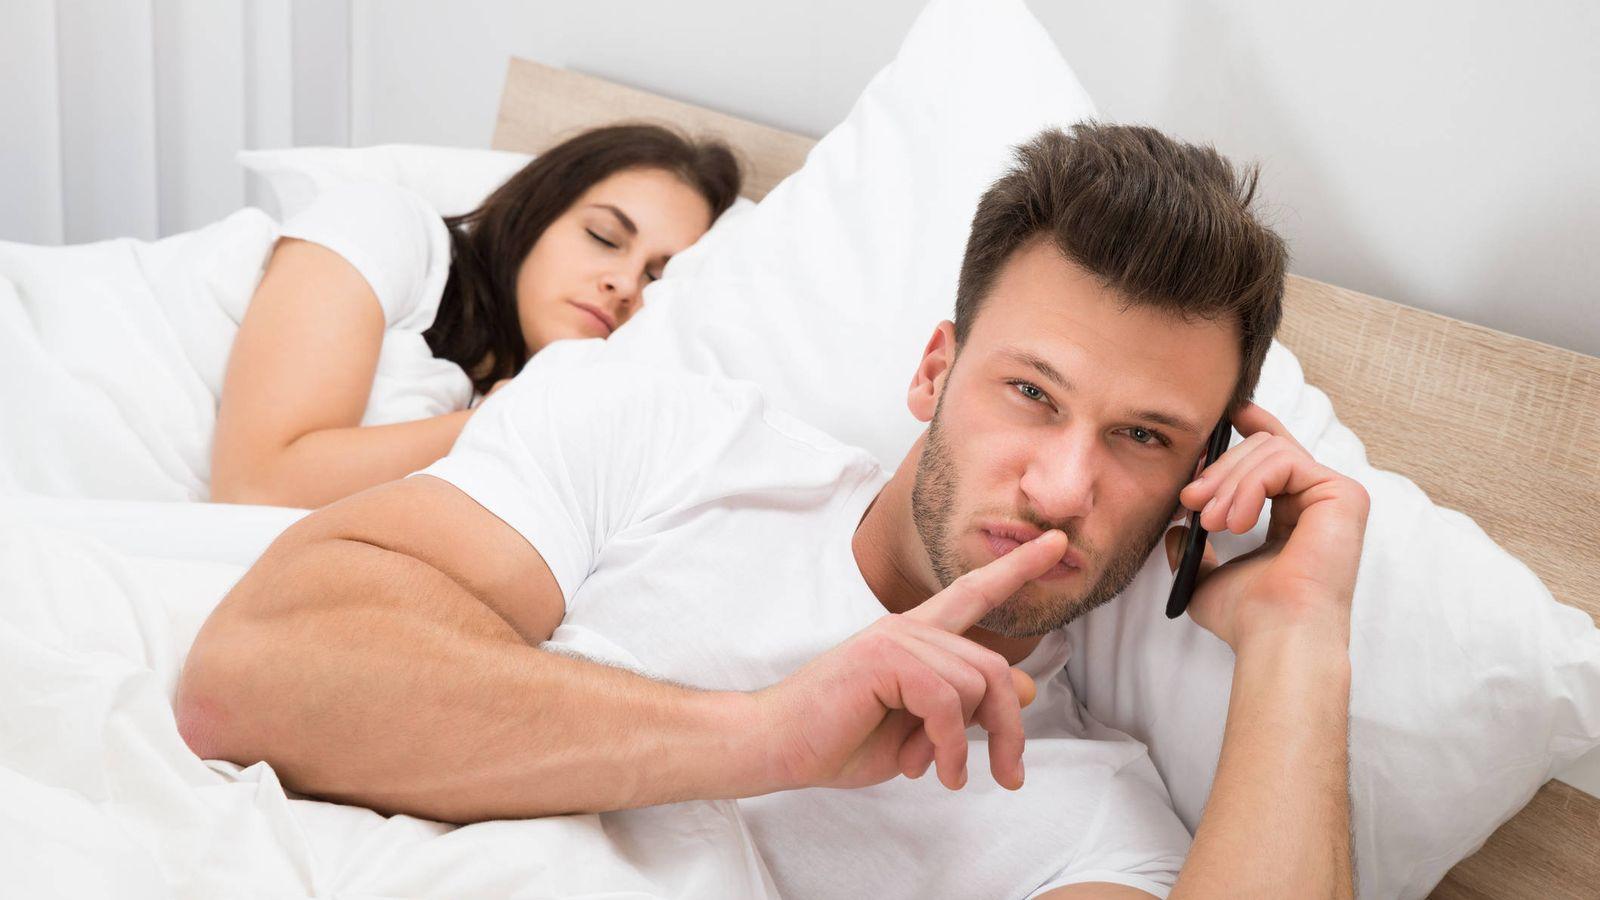 los-factores-que-llevan-a-la-infidelidad-como-saber-si-te-traicionaran